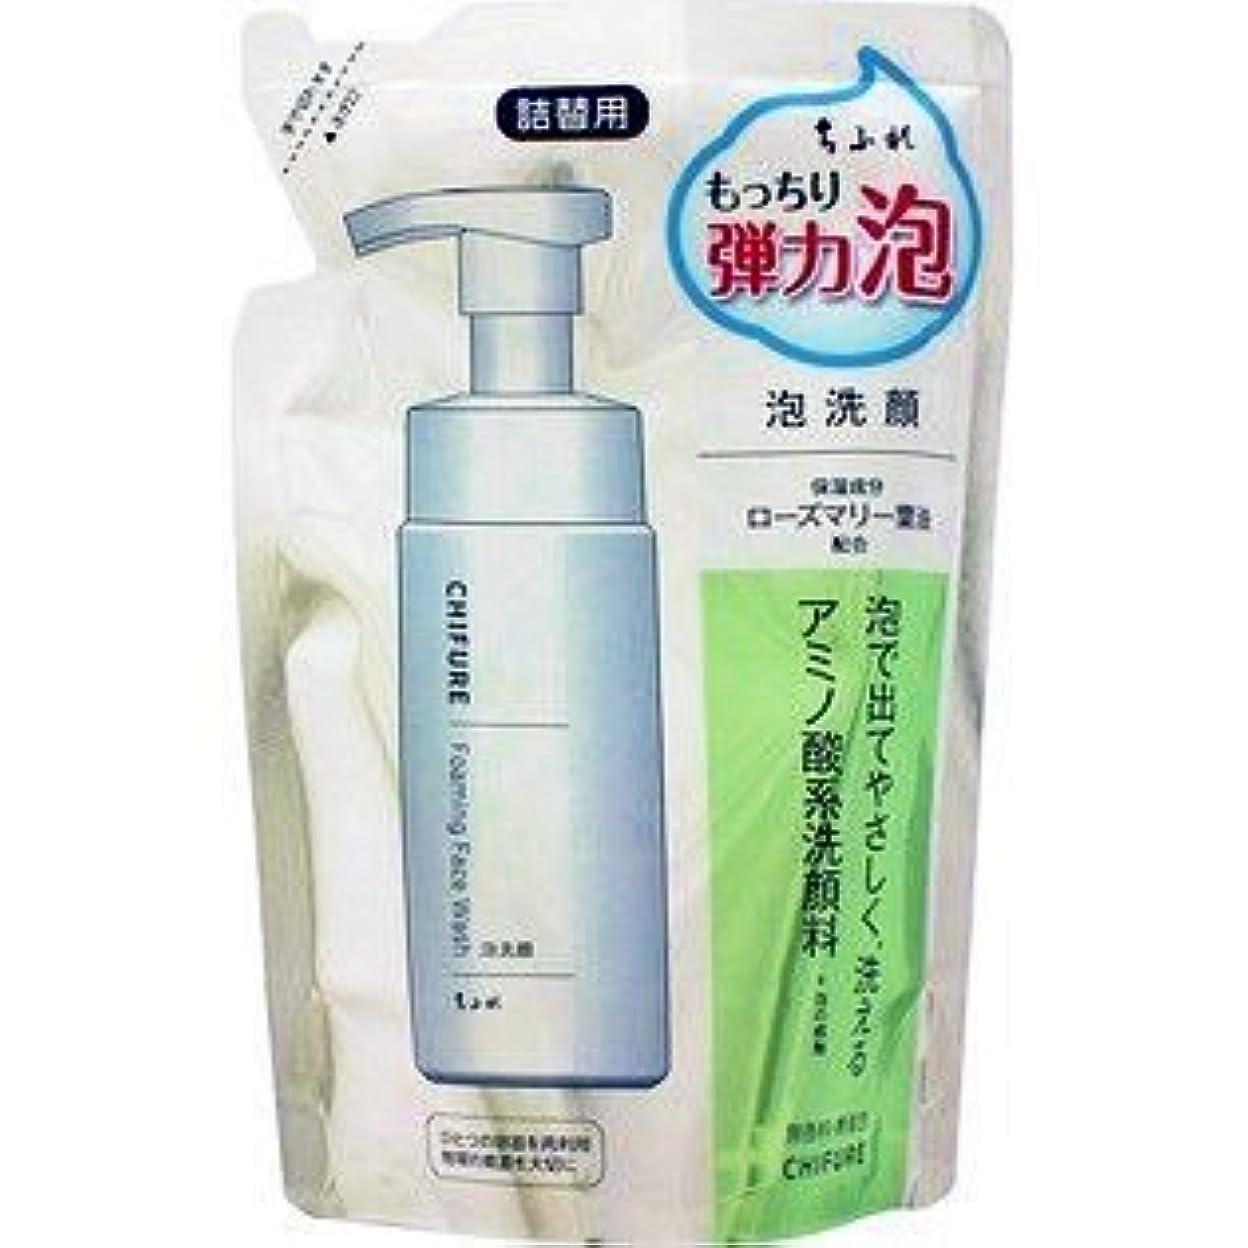 偽装するエイズコピーちふれ化粧品 ちふれ 泡洗顔 詰替用 180ml